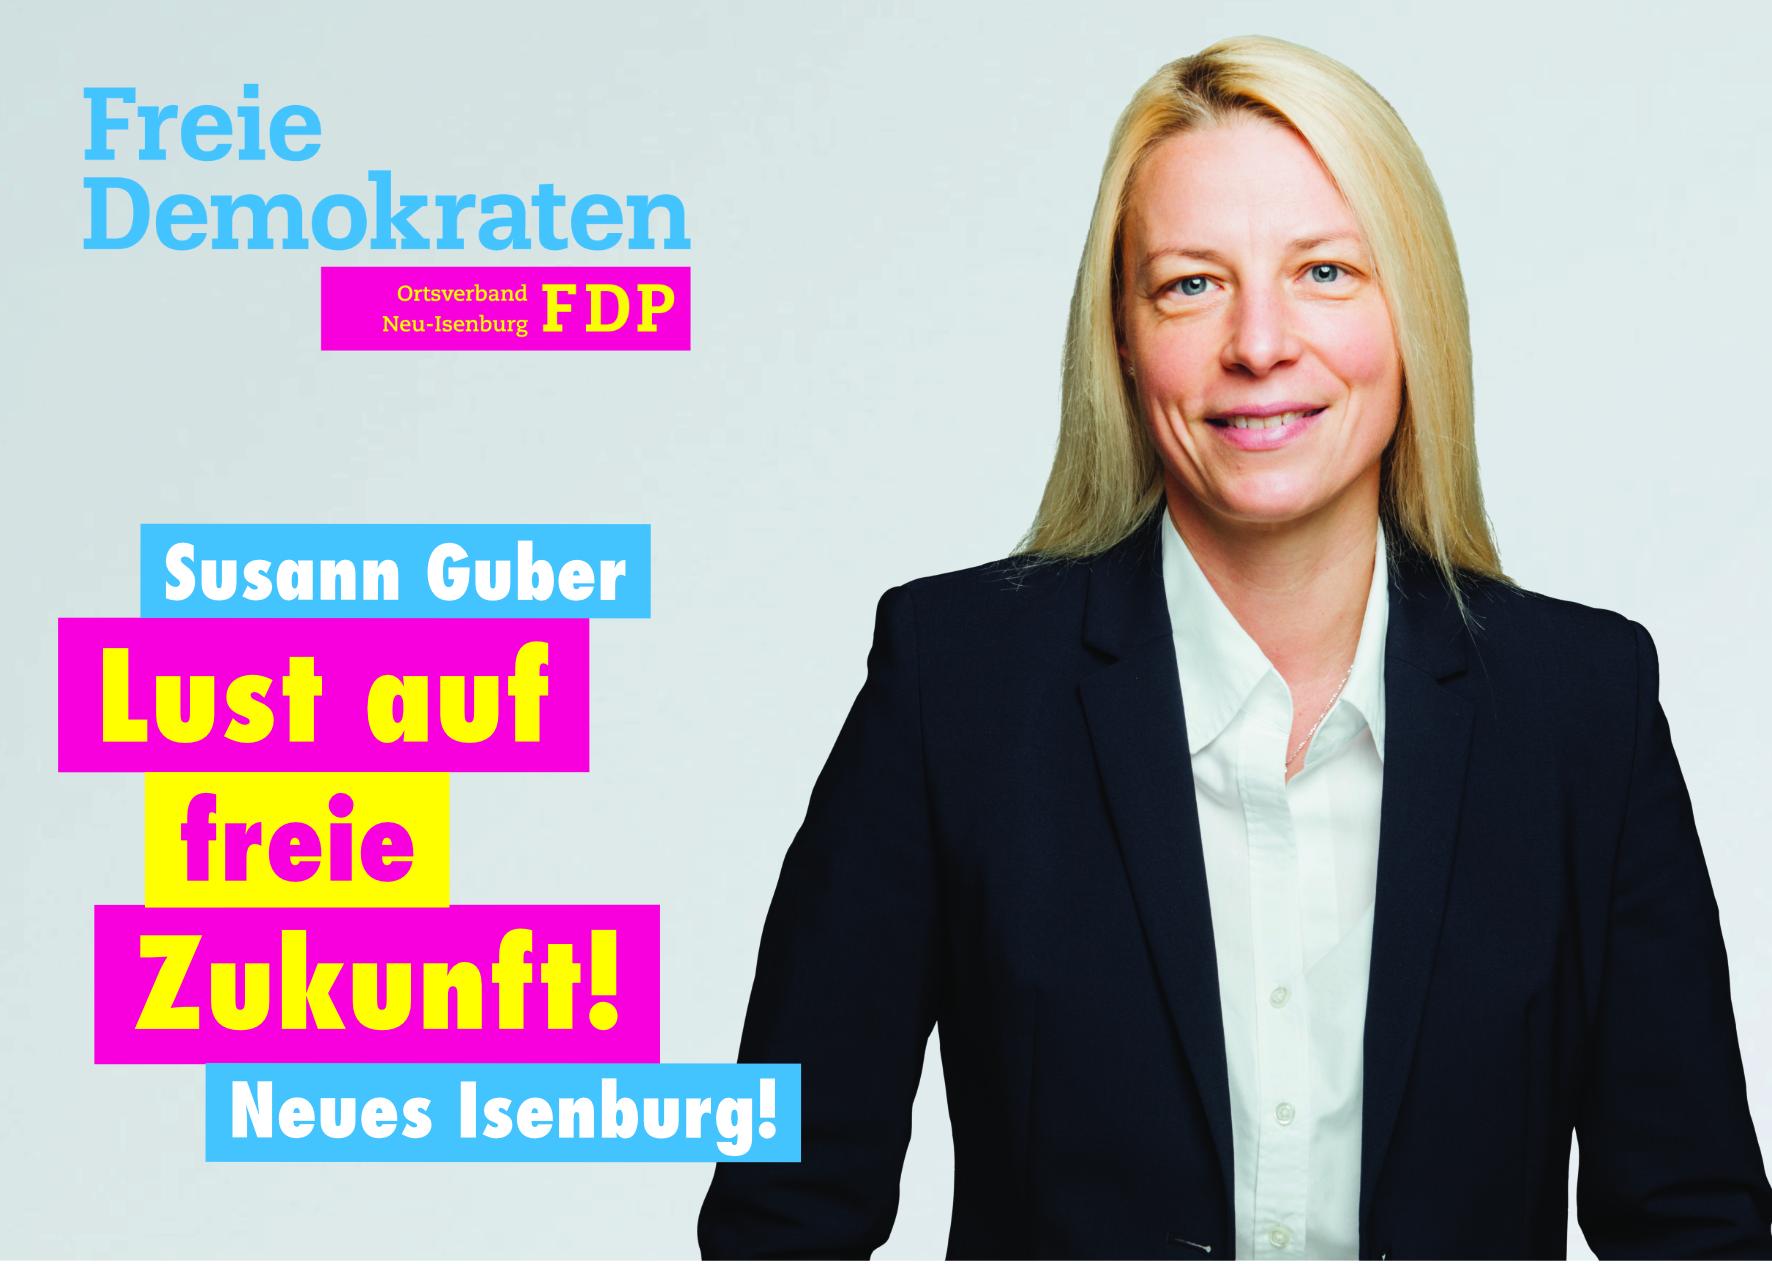 Susann Guber, Listenplatz 7. zur Kommunalwahl am 14. März 2021 in Neu-Isenburg.